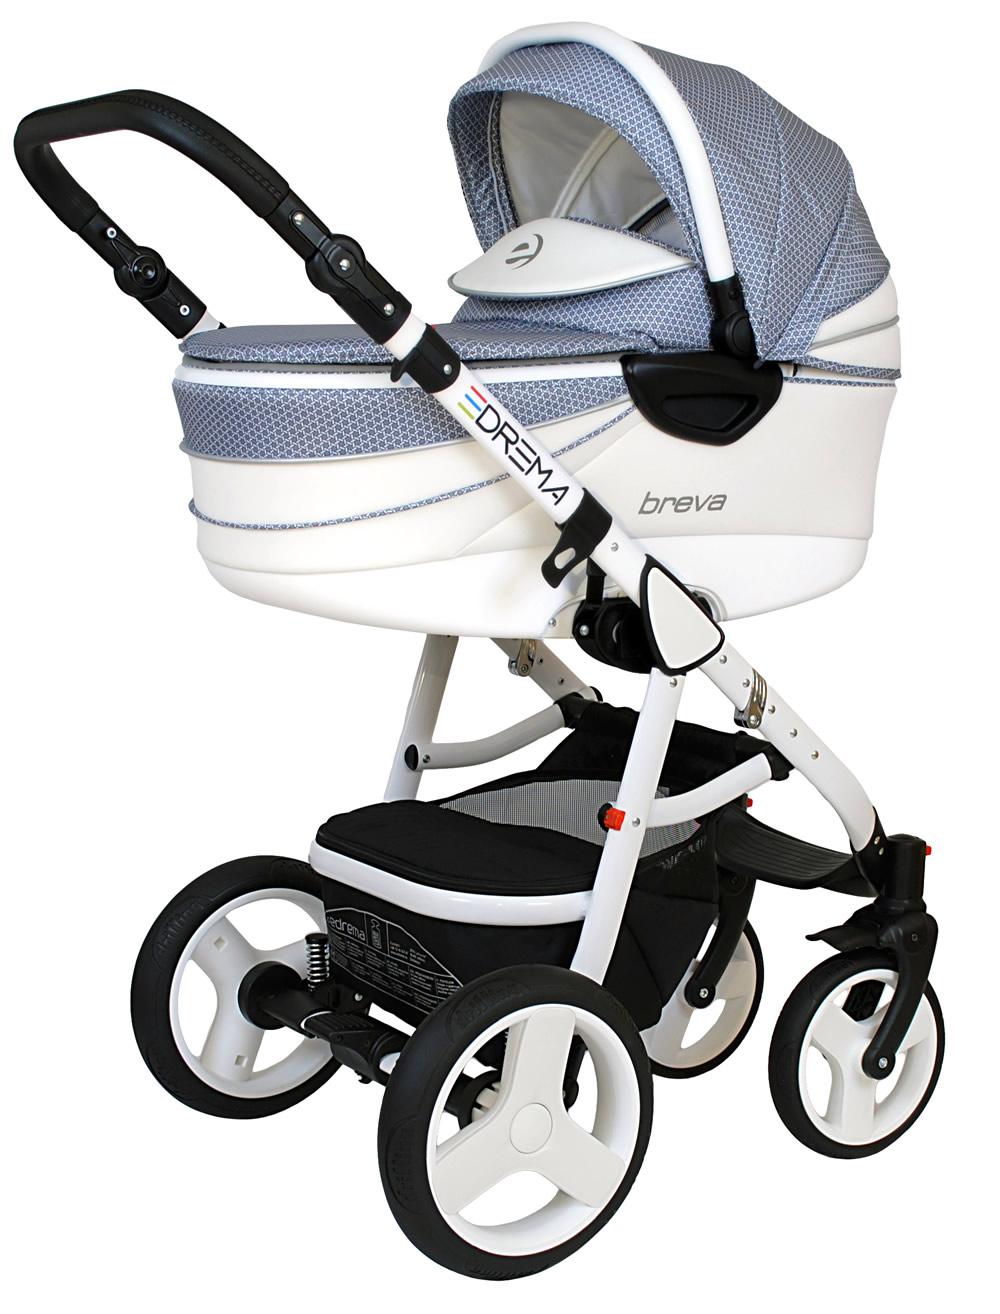 Breva Premium Kombi-Kinderwagen 2 in 1 ohne Babyschale / BP3